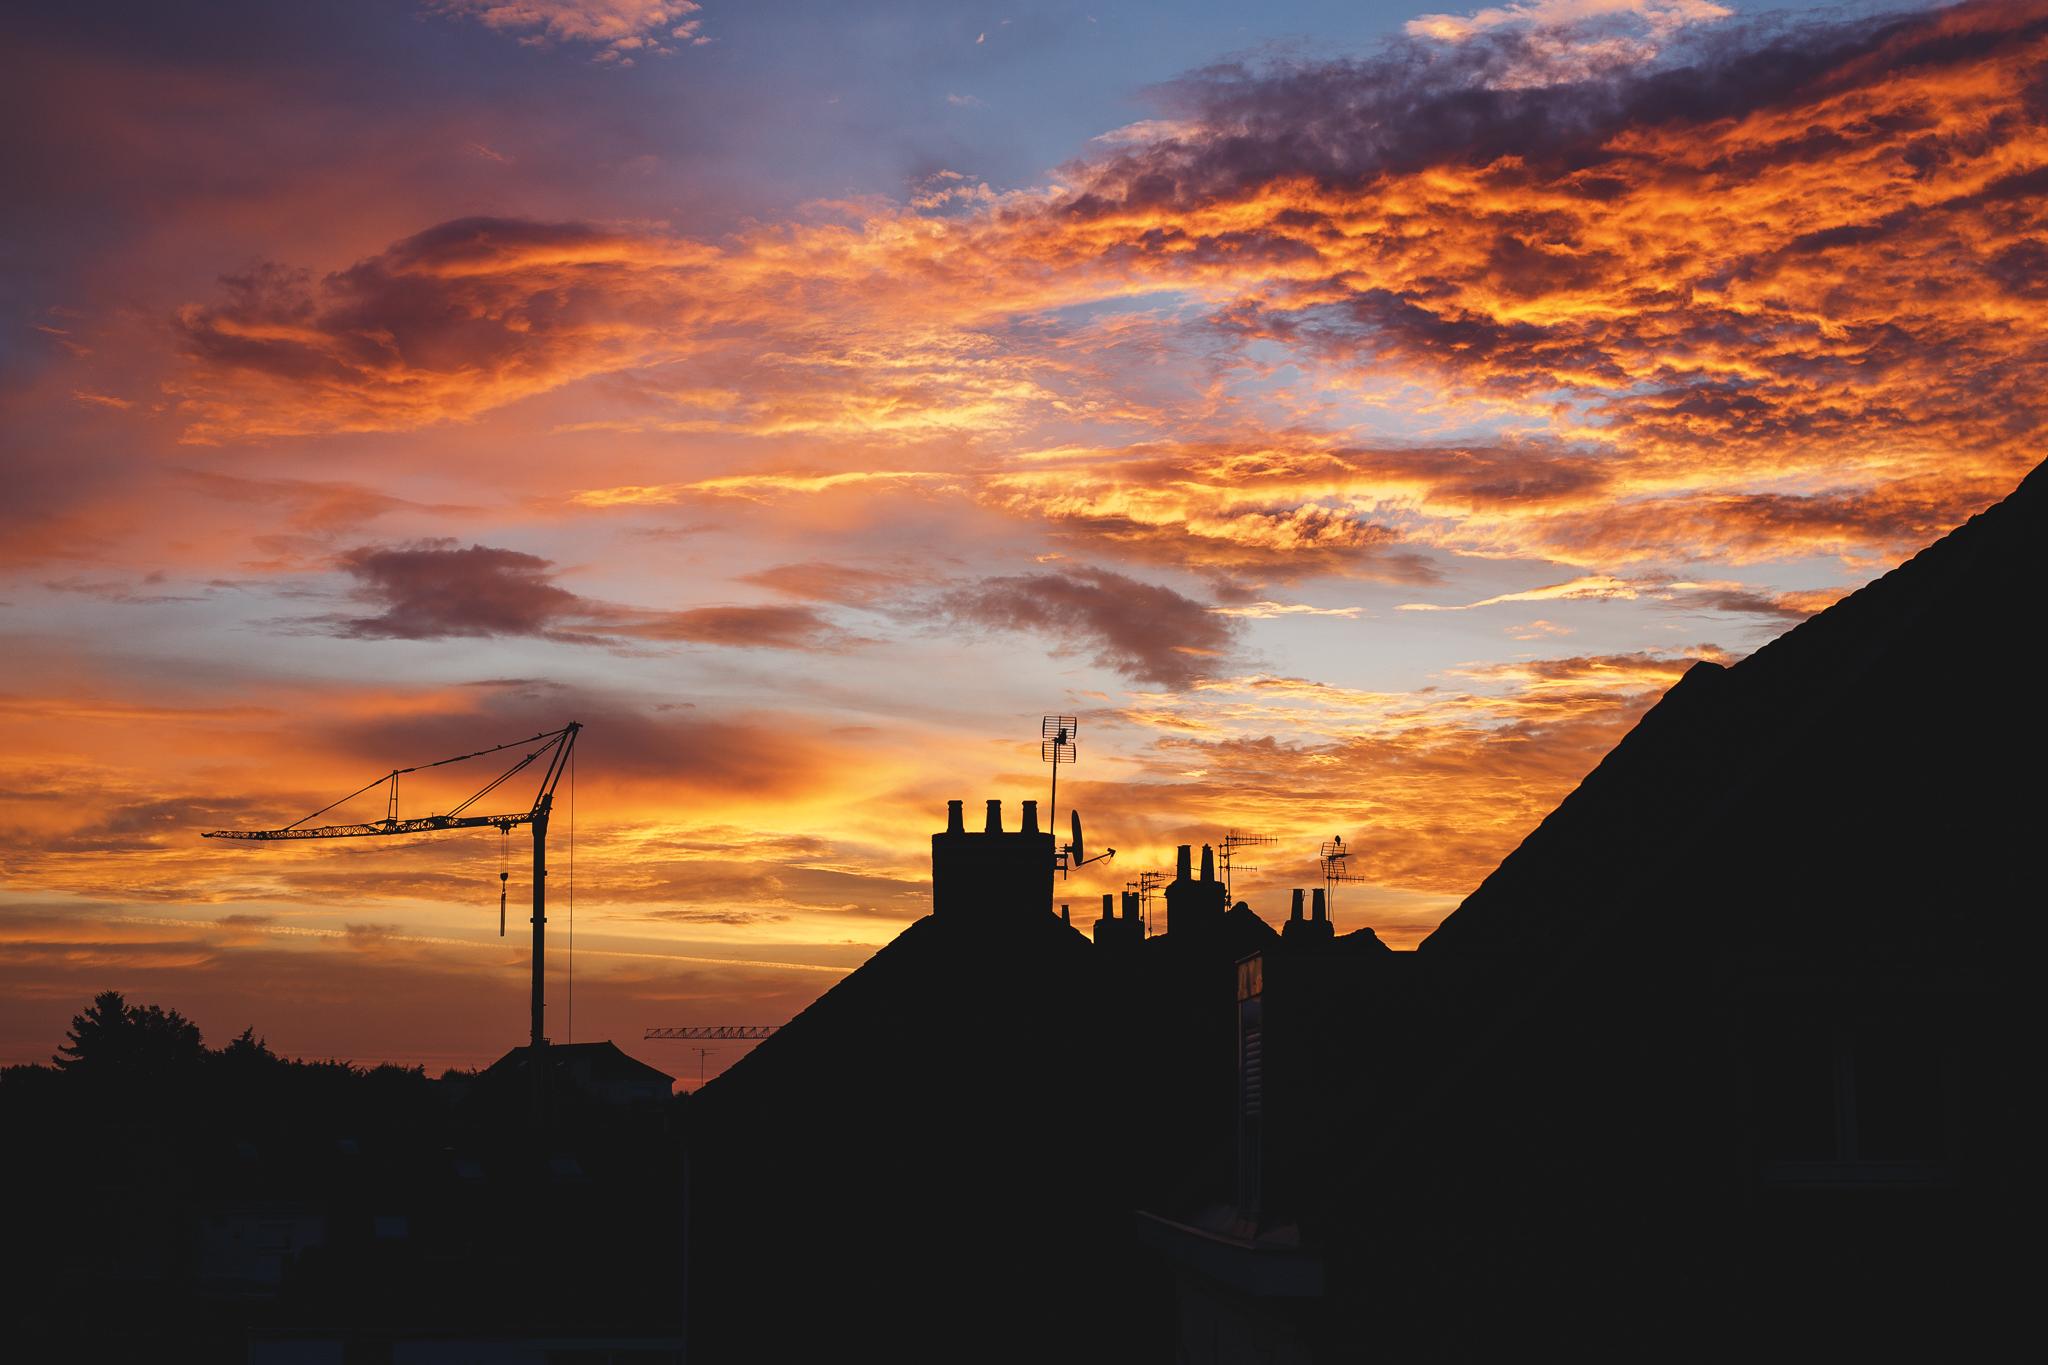 Lever de soleil flamboyant avec Canon EOS 6D et 50 mm Sigma - Cours photo apprendre la photo de coucher de soleil Lille